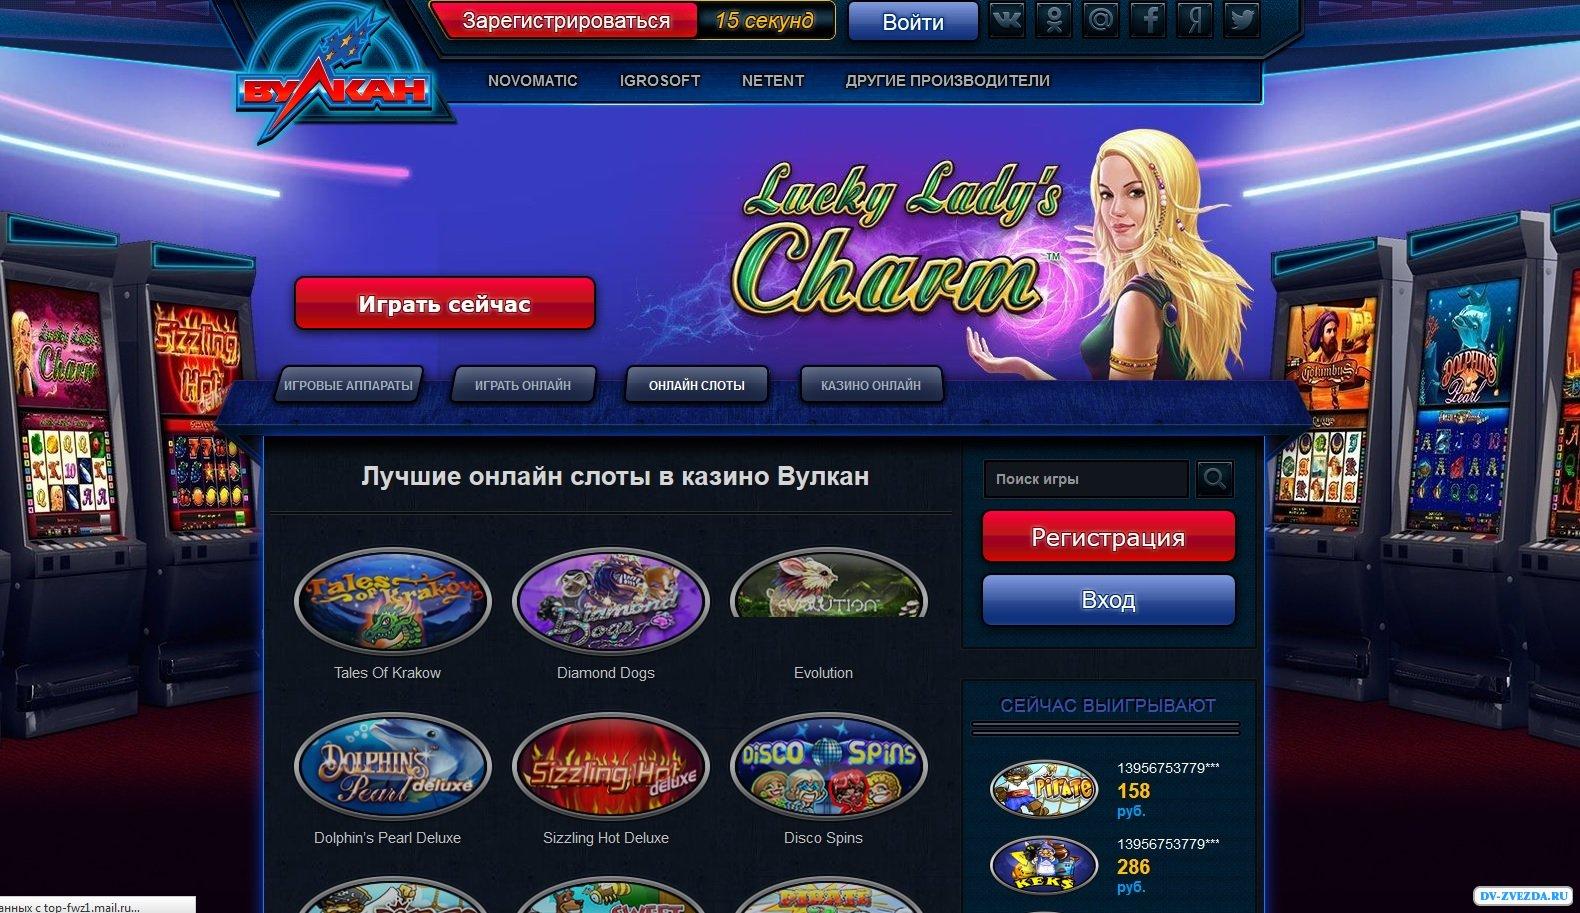 Получение реальных денег за онлайн игры 2